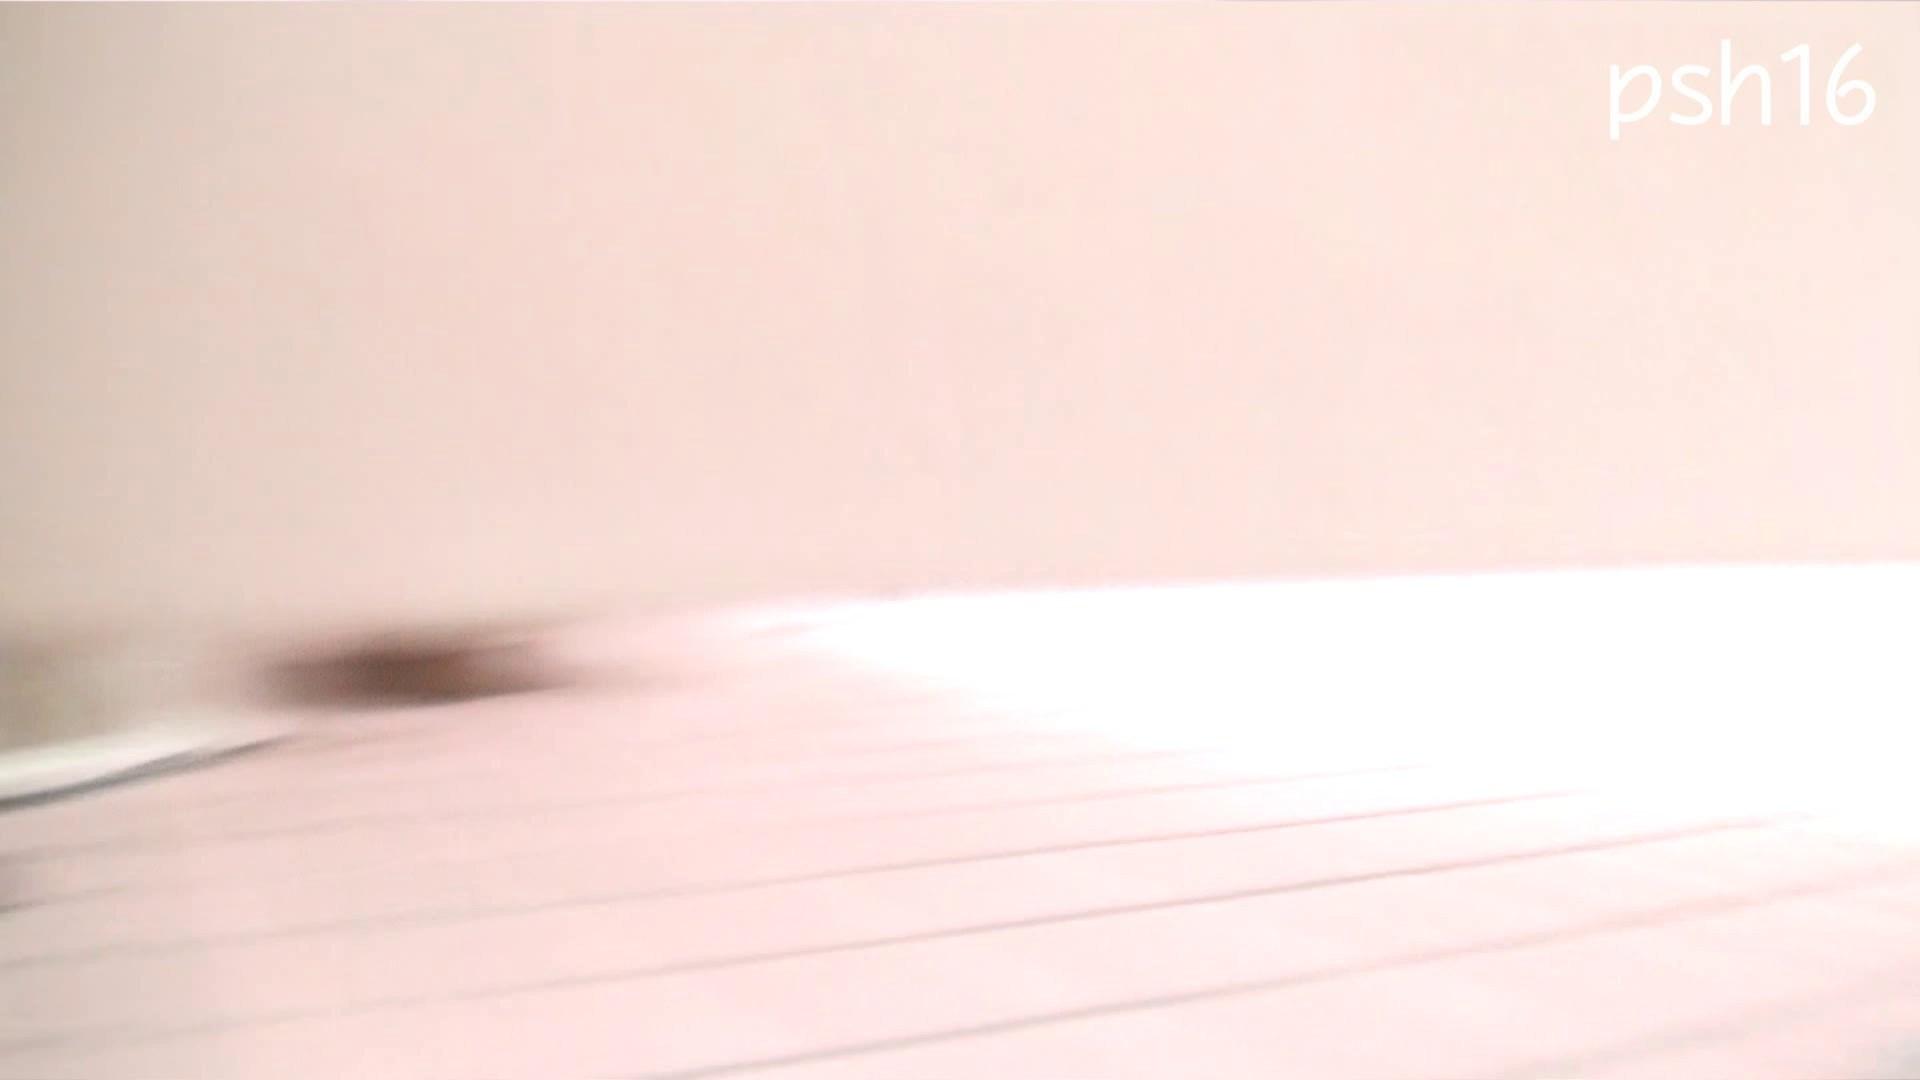 ▲復活限定▲ハイビジョン 盗神伝 Vol.16 お姉さん攻略 オマンコ無修正動画無料 56画像 22